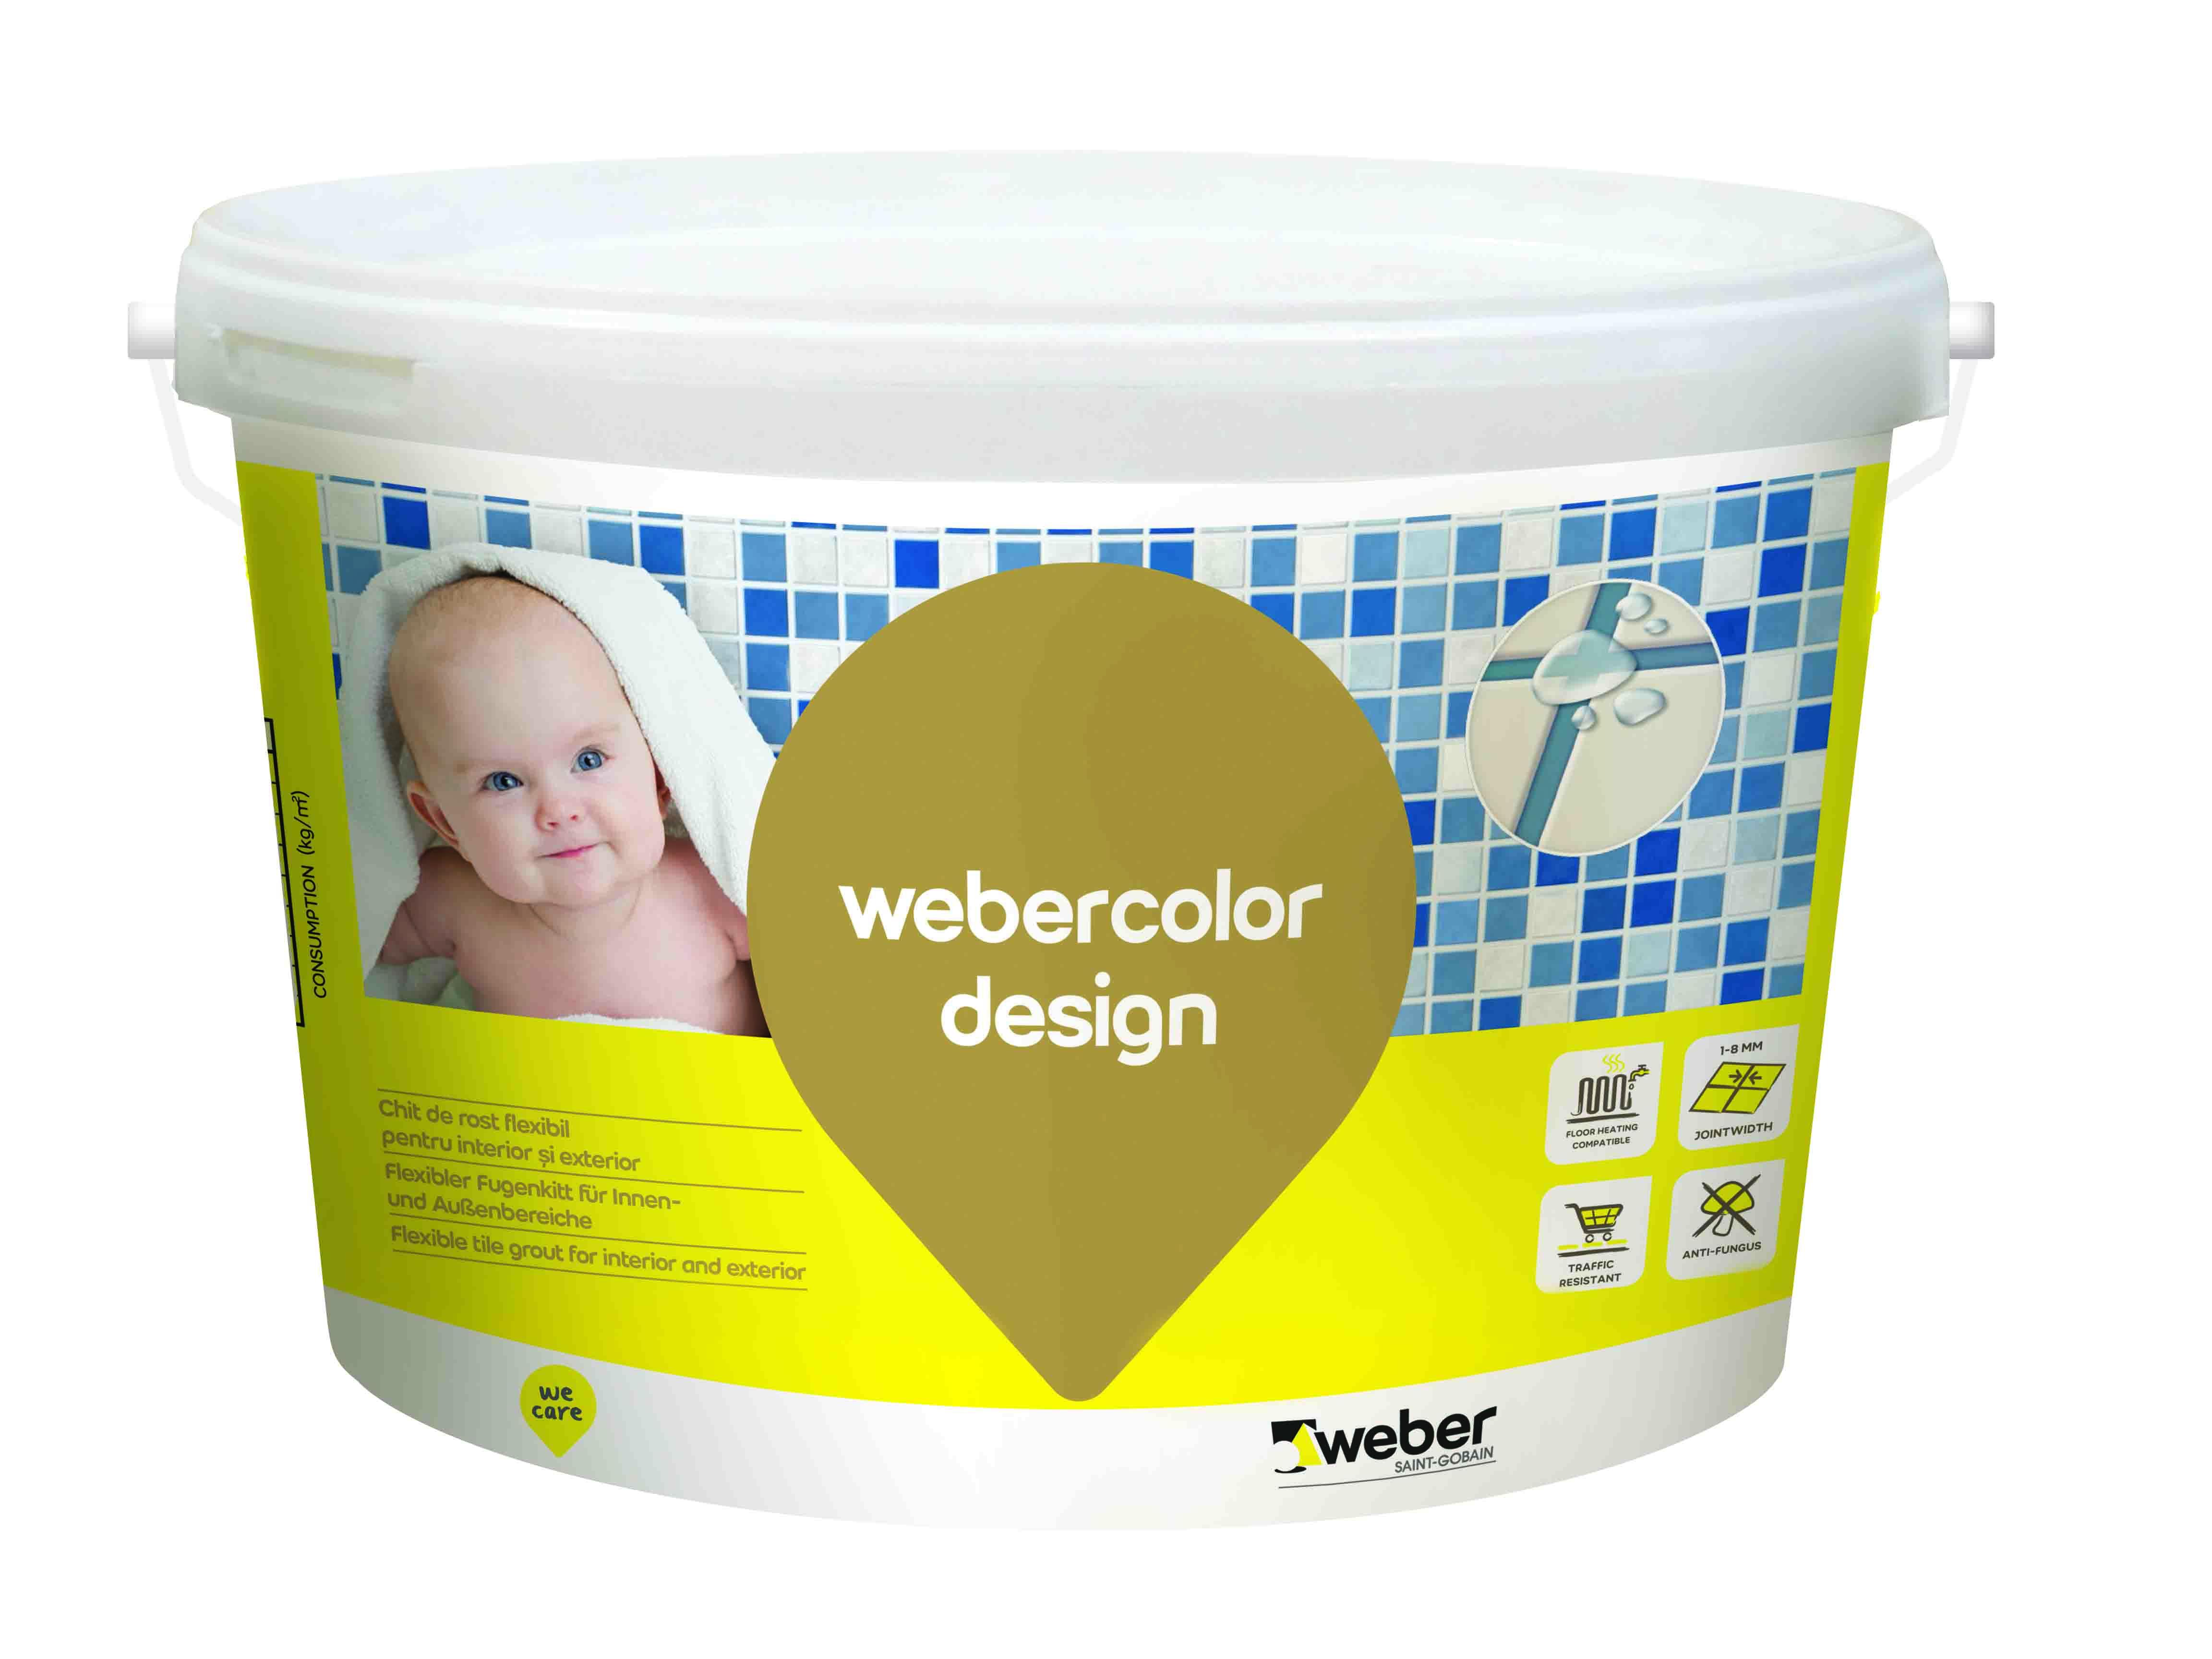 Chit pt rosturi Fuga Weber design antracite 5 kg G101